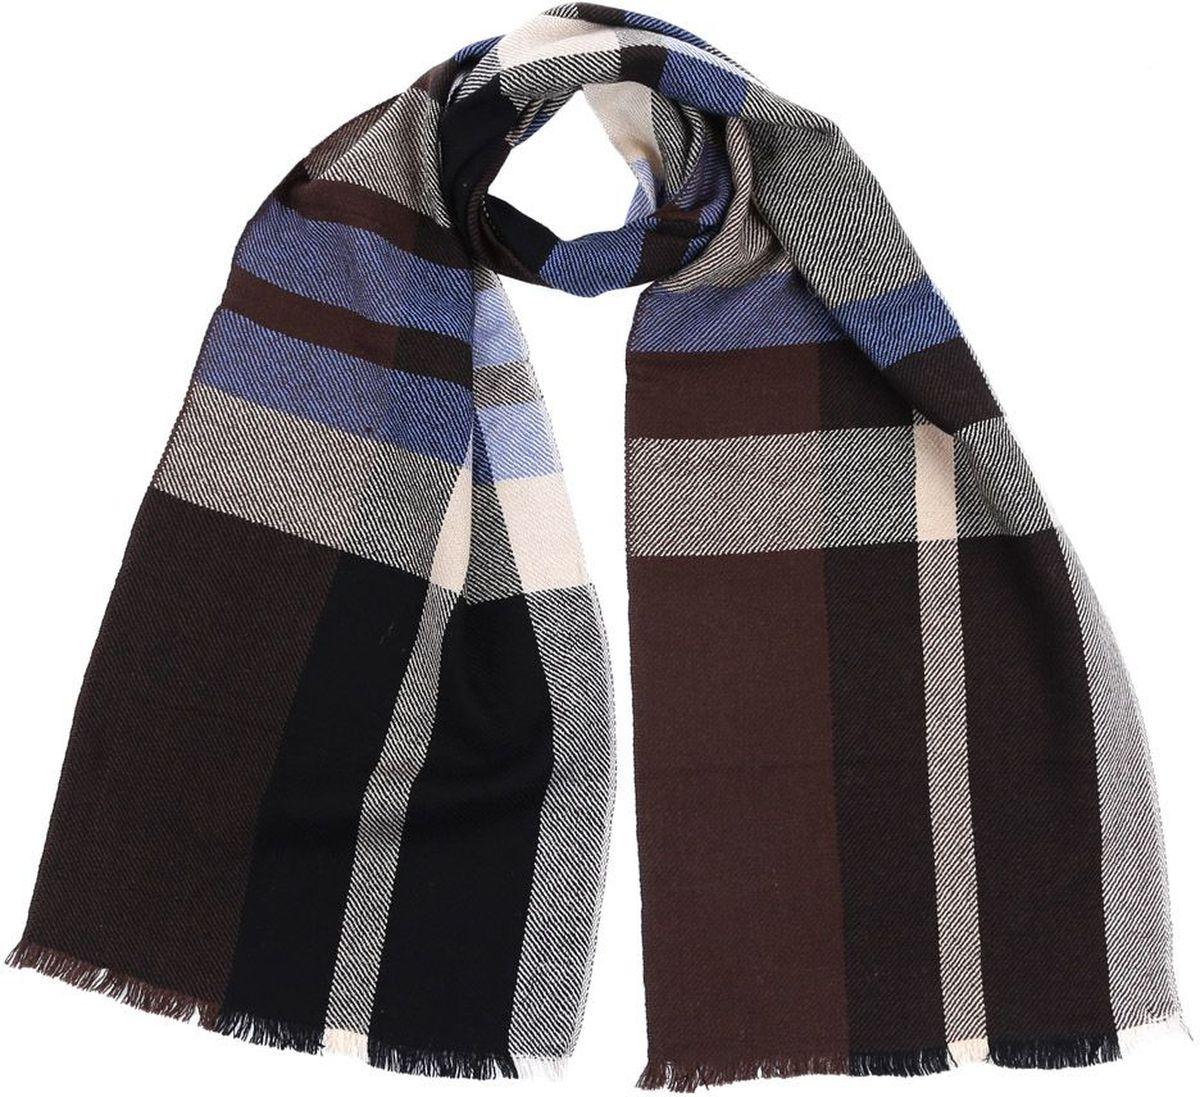 Шарф мужской Fabretti, цвет: коричневый, черный, голубой. 2874-12. Размер 30 см х 180 см2874-12Мужской шарф от итальянского бренда Fabretti выполнен из натуральной шерсти с мерсеризованной нитью, которая придает изделию неповторимую мягкость и шелковистость фактуры. Дизайнерское соединение цветов превратит ваш образ в самый стильный и элегантный в любой компании. Модная клетка и стильные реснички, которыми обработаны края изделия, подчеркнут ваш индивидуальный стиль.